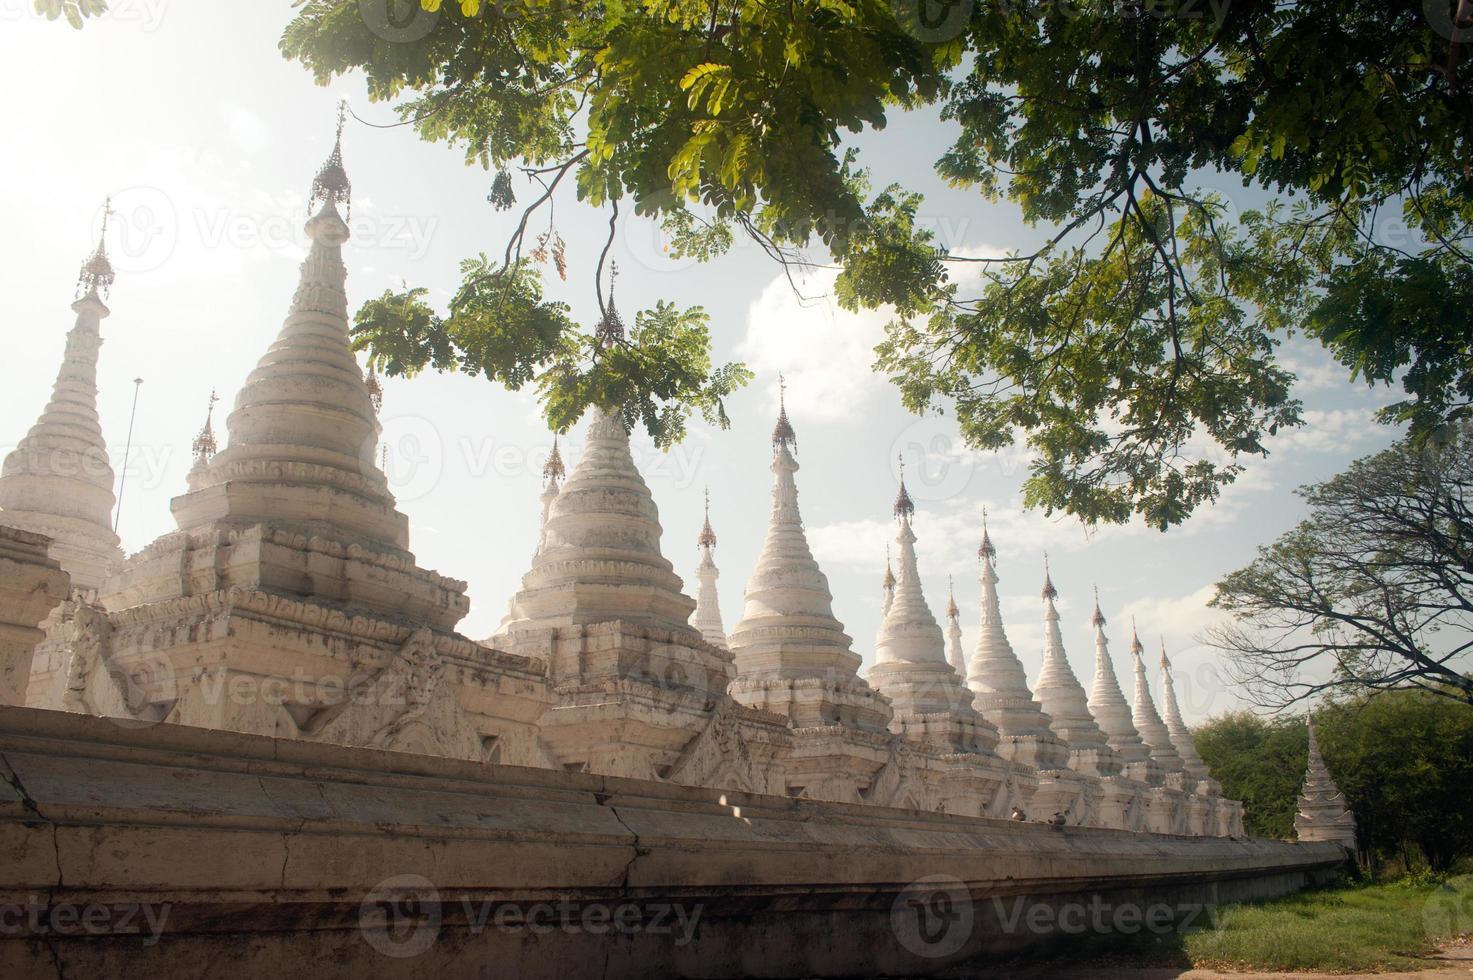 groupe de stupas dans le temple de kuthodaw, myanmar. photo